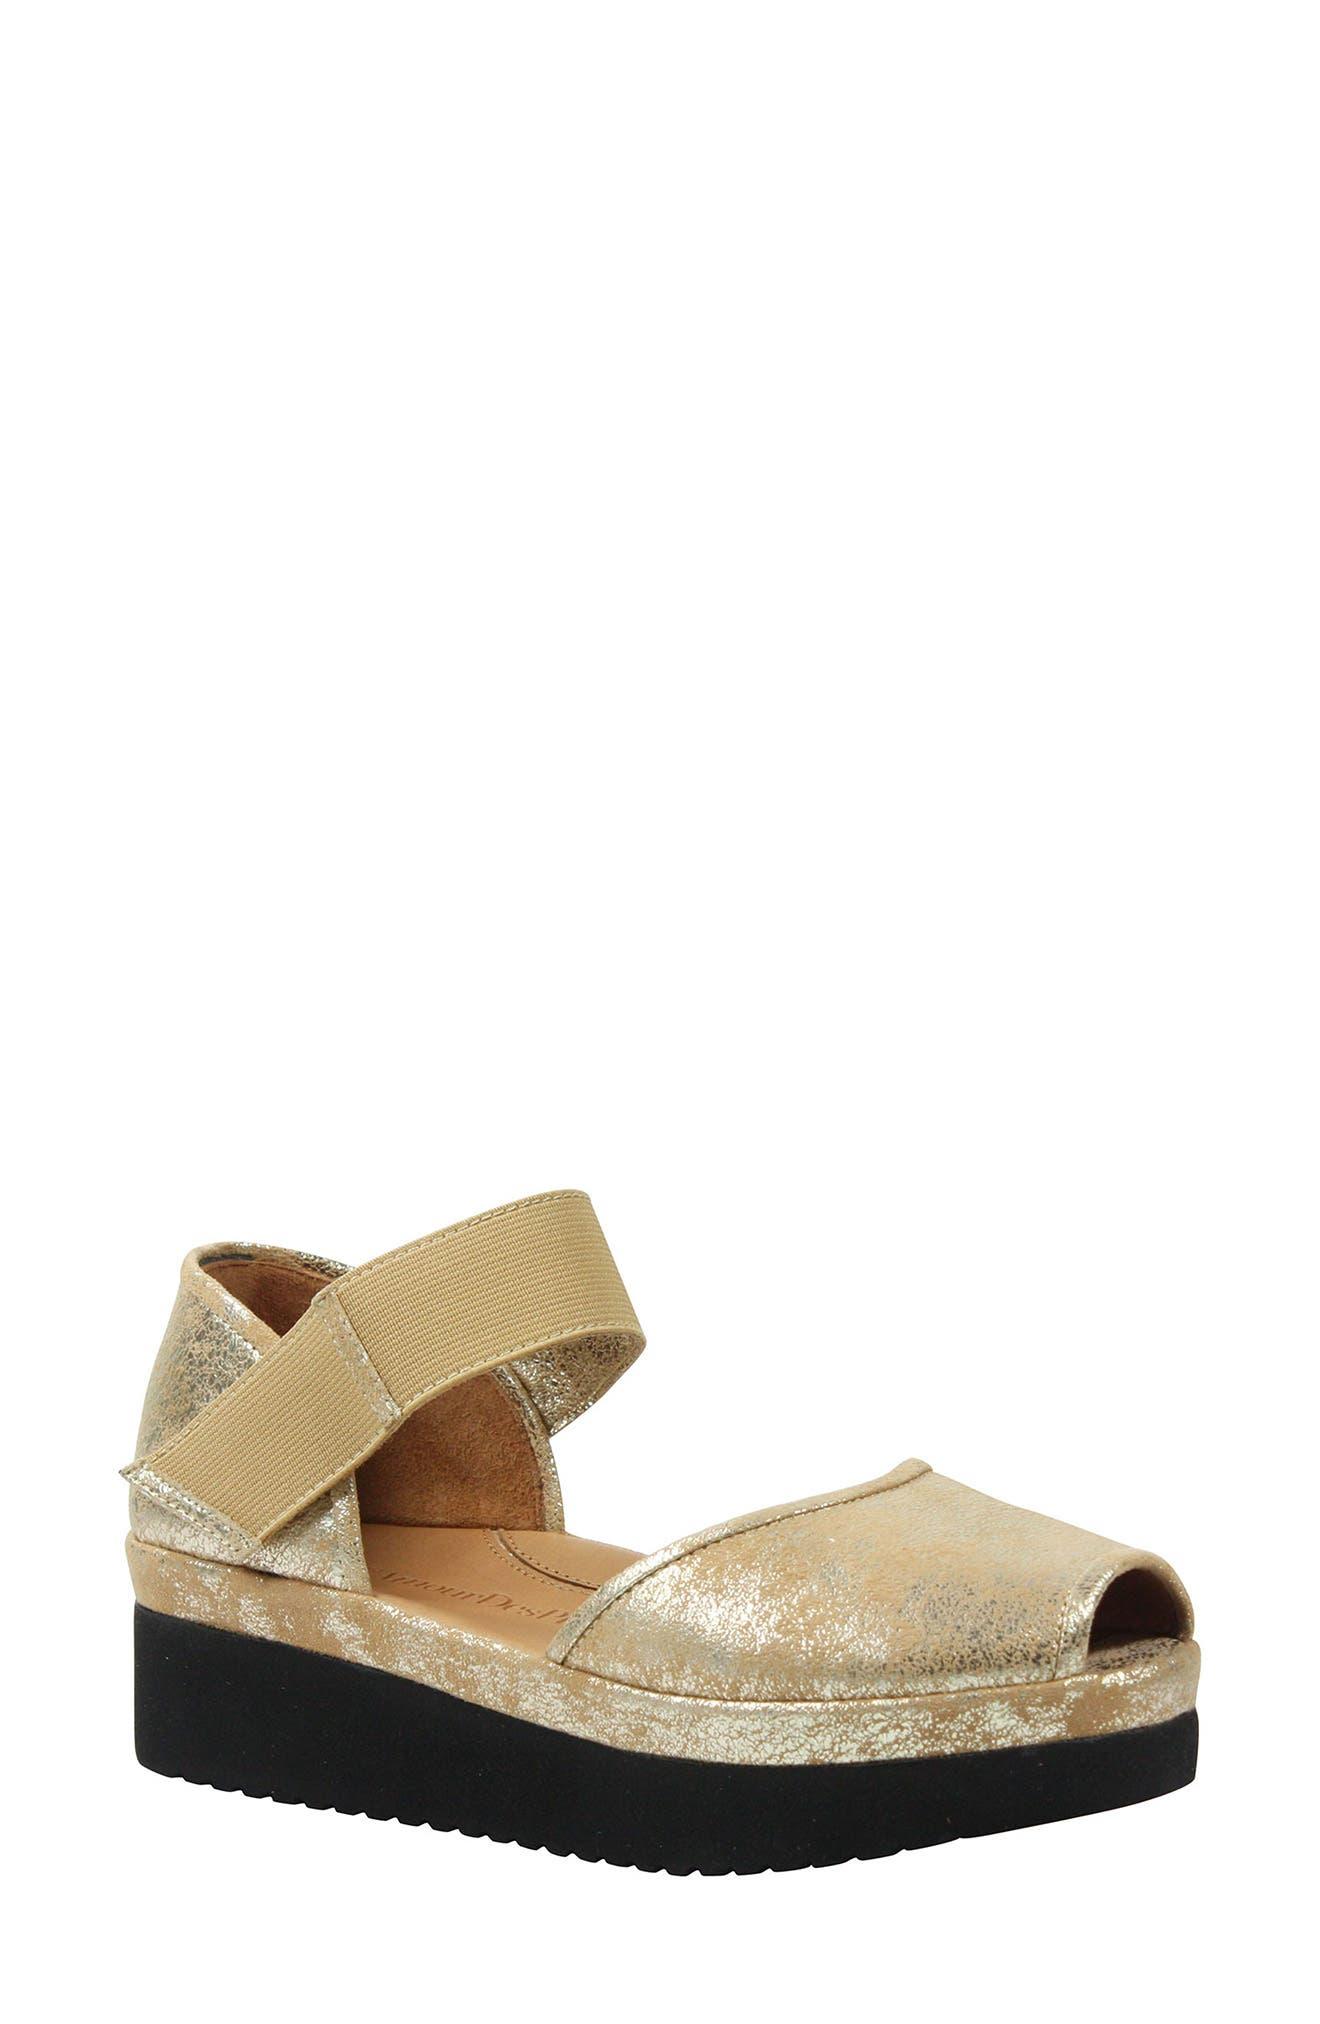 'Amadour' Platform Sandal,                         Main,                         color, GOLD LEATHER